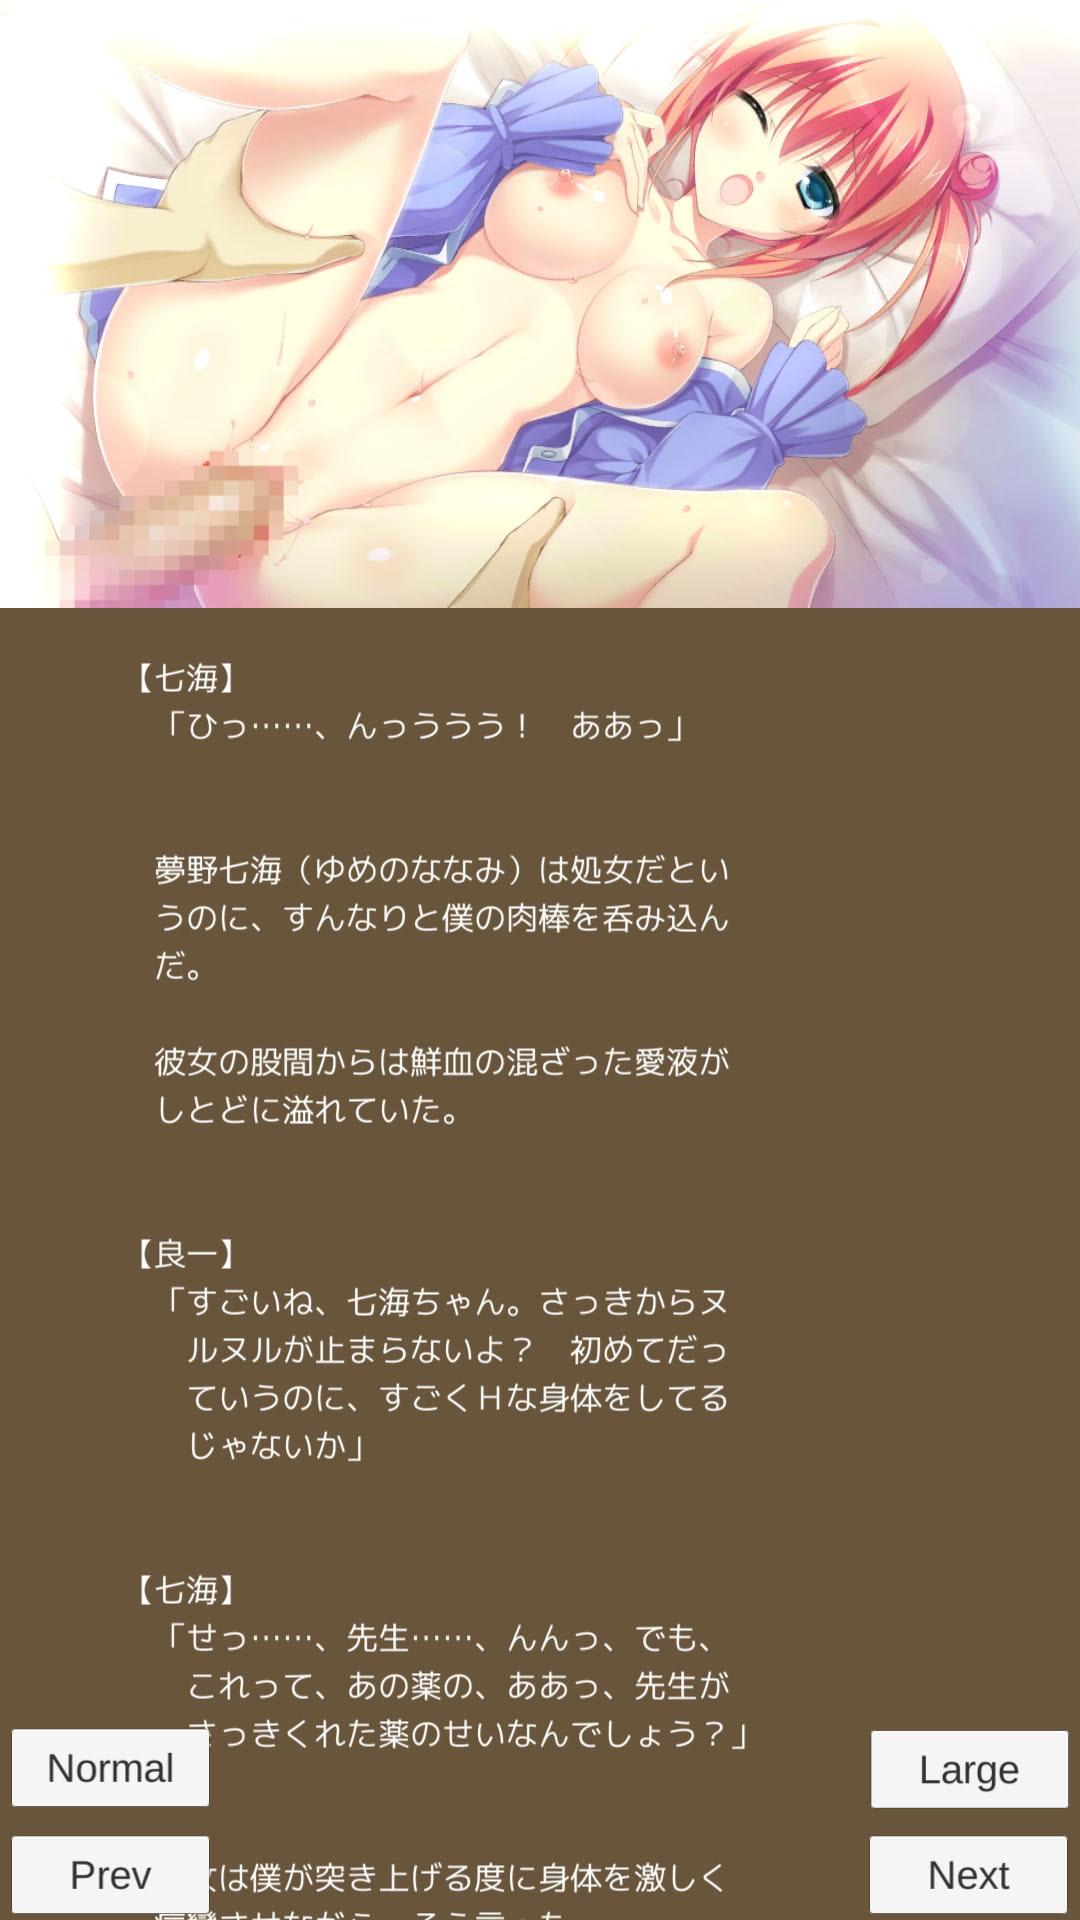 ファイナルデイズ原作【CG付きシナリオテキスト】(Android Apk版)